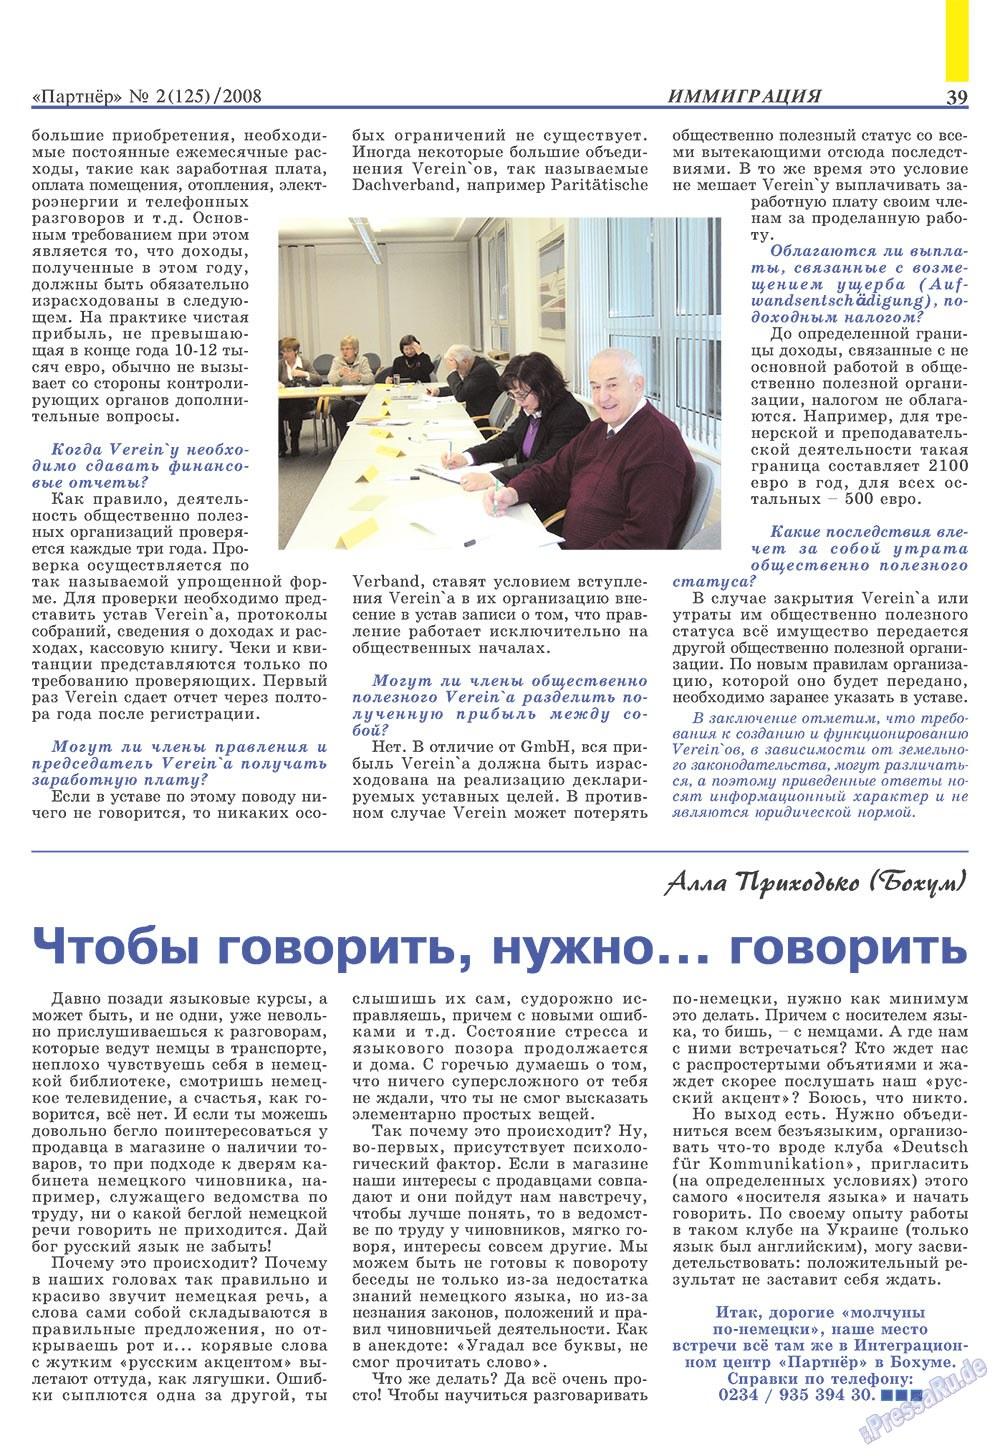 Партнер (журнал). 2008 год, номер 2, стр. 39